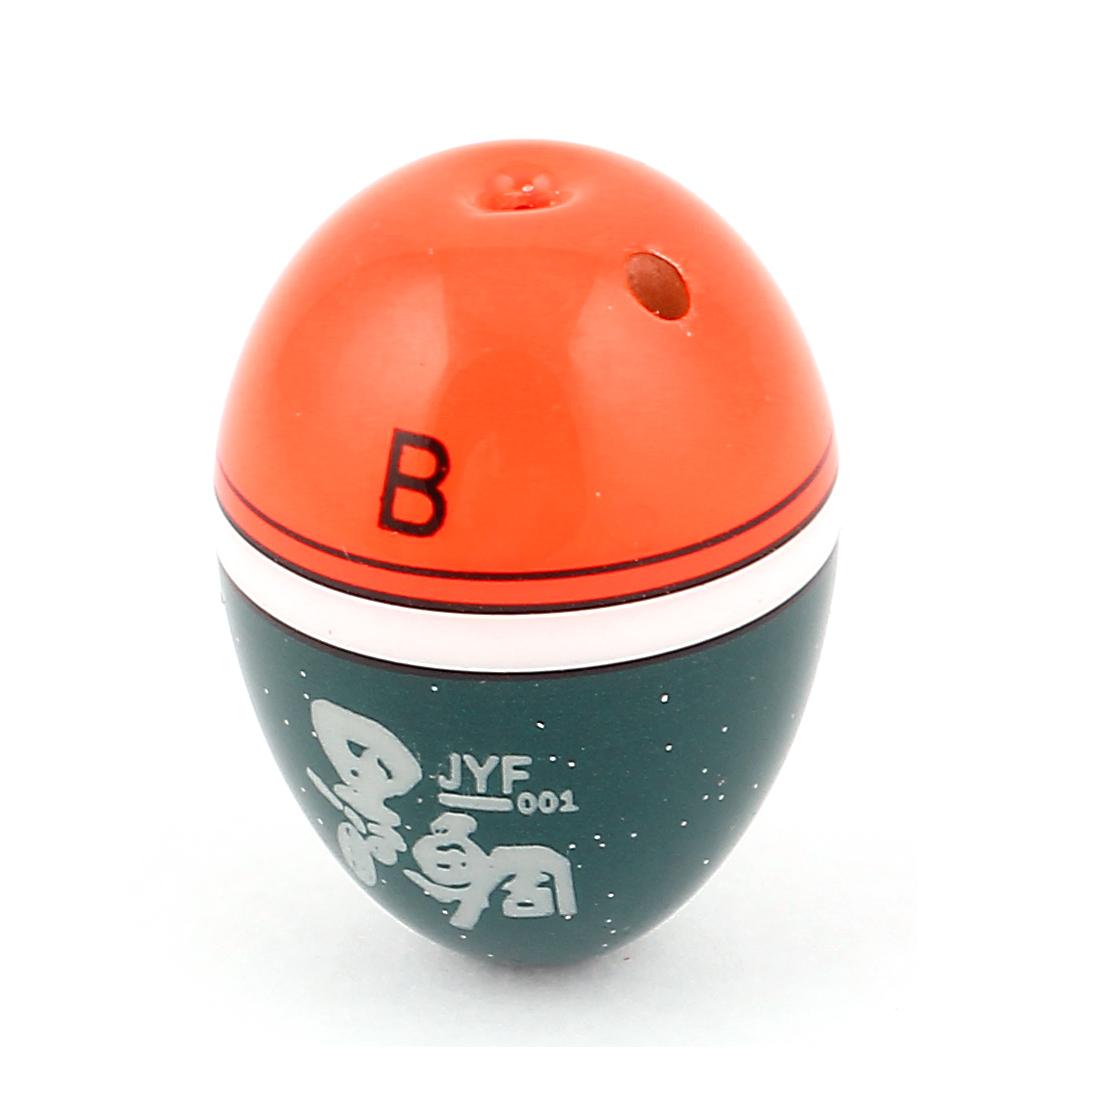 Plastic Oval Shaped Universal Fishing Floater Bobber for Fisherman Orangered Green